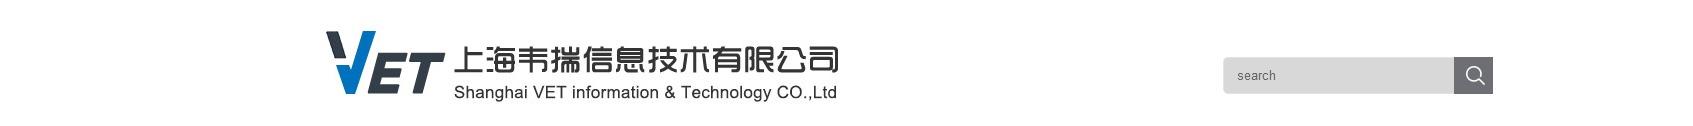 上海韦揣信息技术有限公司